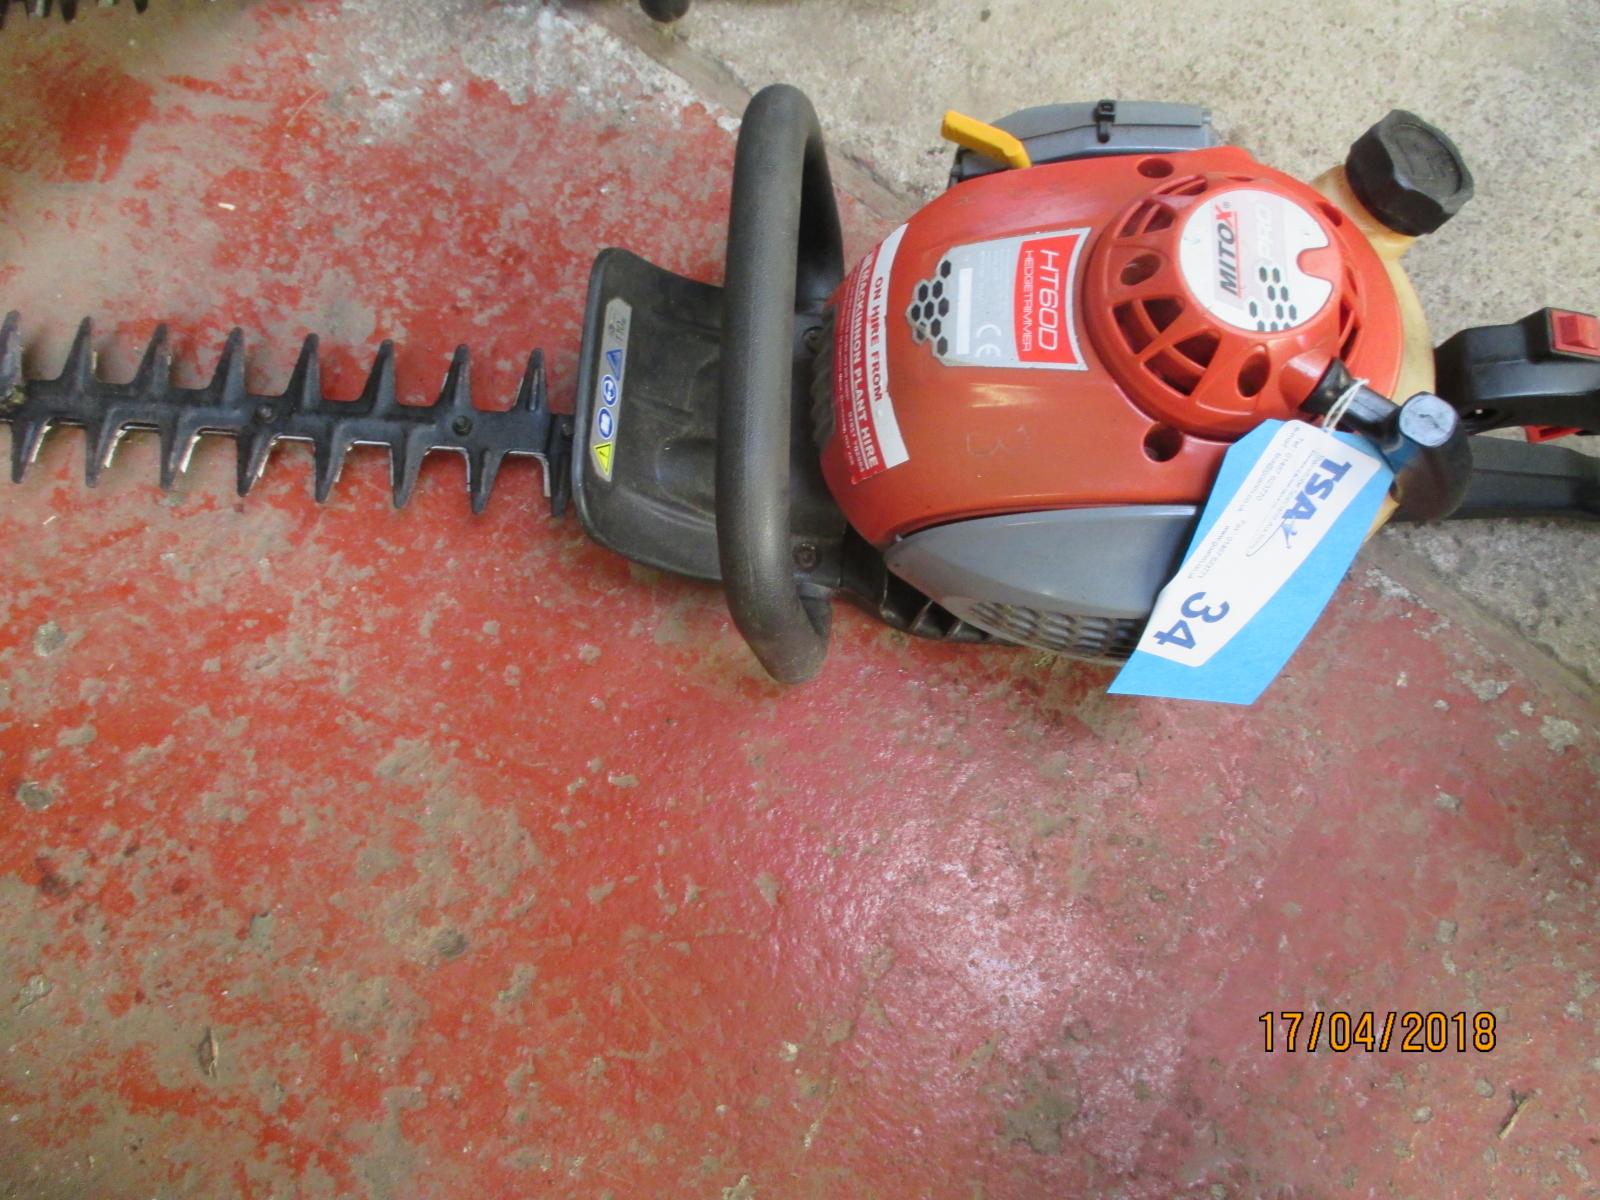 Lot 34 - 1 No. Mtox Pro HT600 Petrol Hedge Trimmer